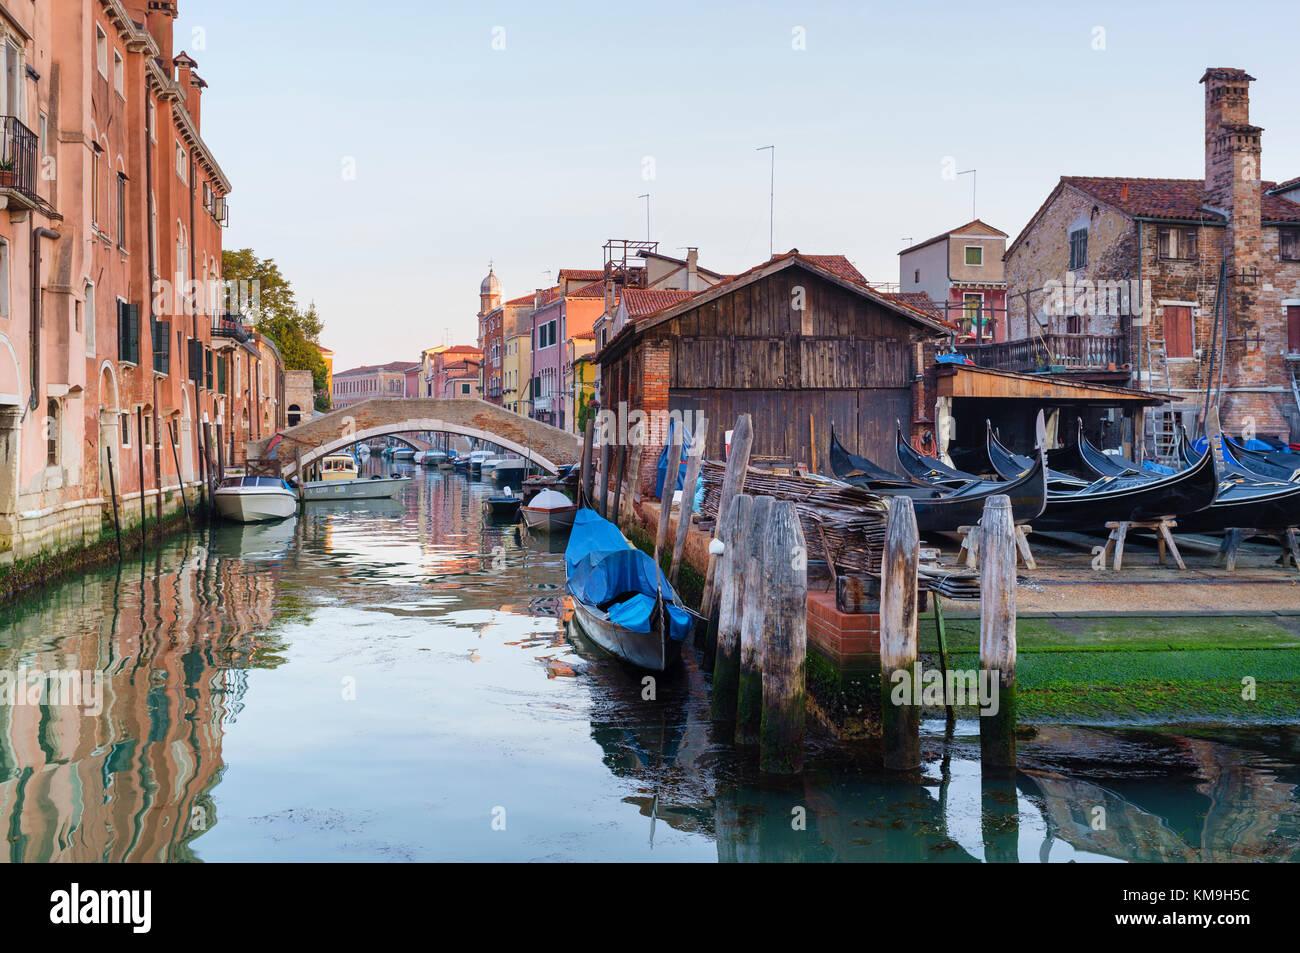 Add new tags   Gondolas under construction in Squero di San Trovaso gondola boatyard Dorsoduro Venice - Stock Image